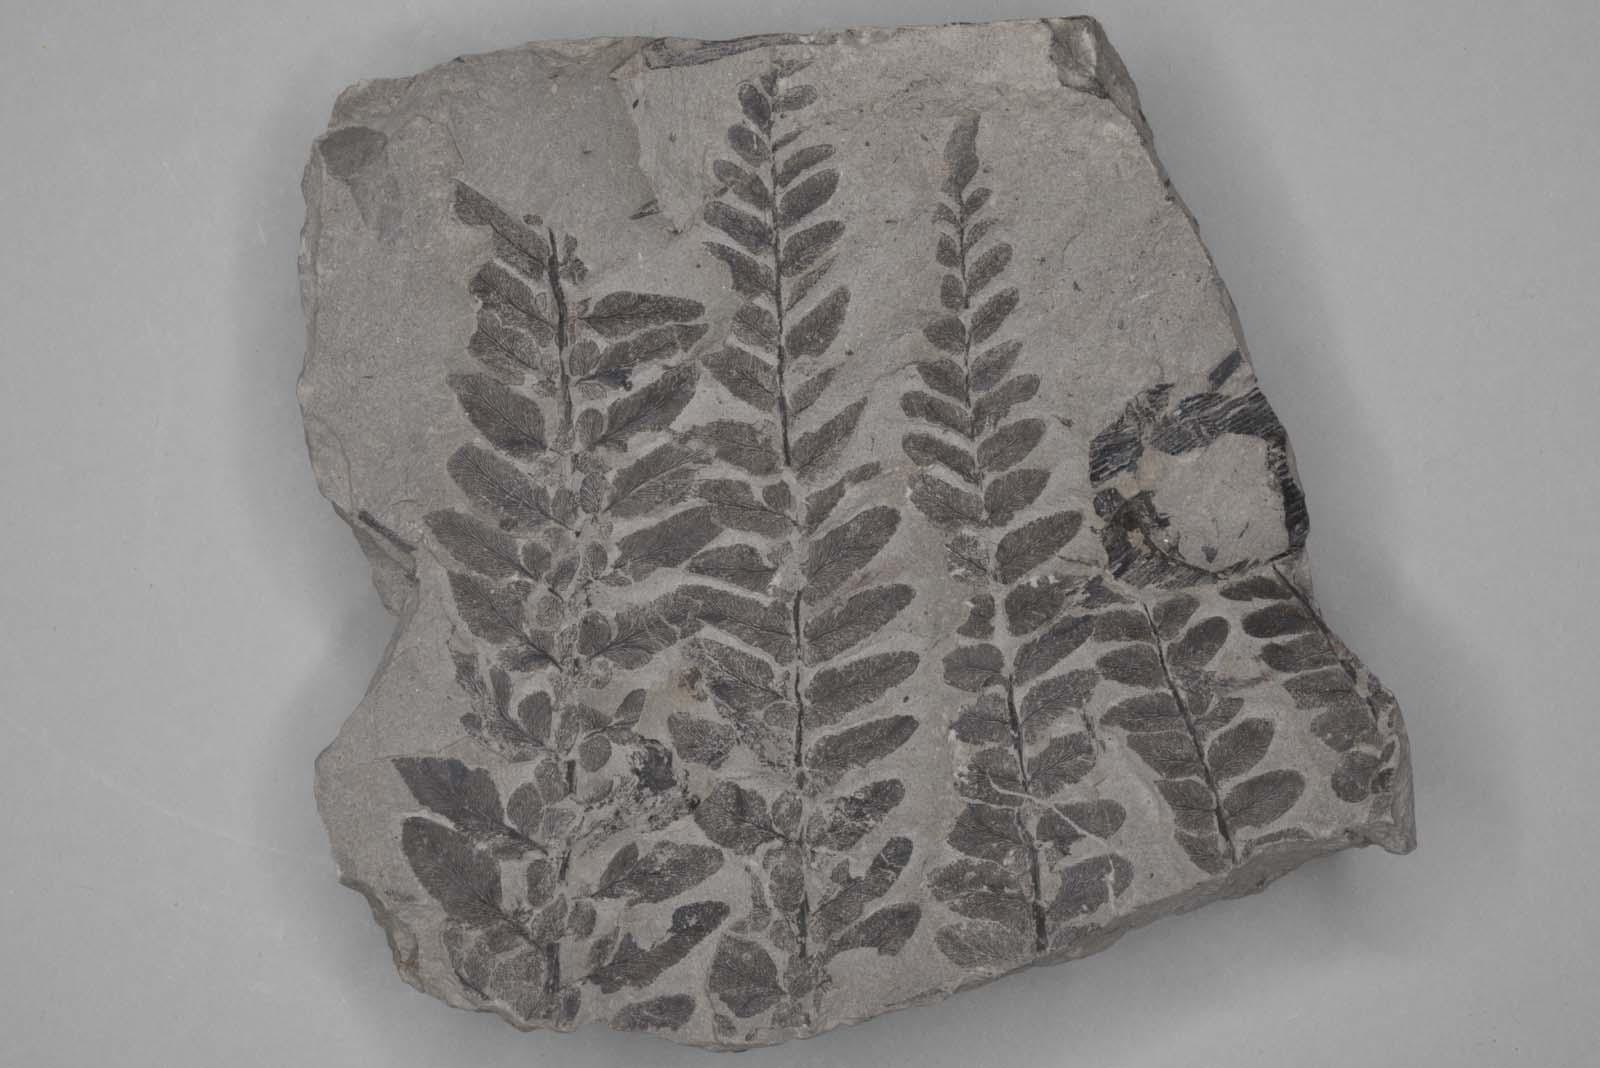 fern like plant fossil